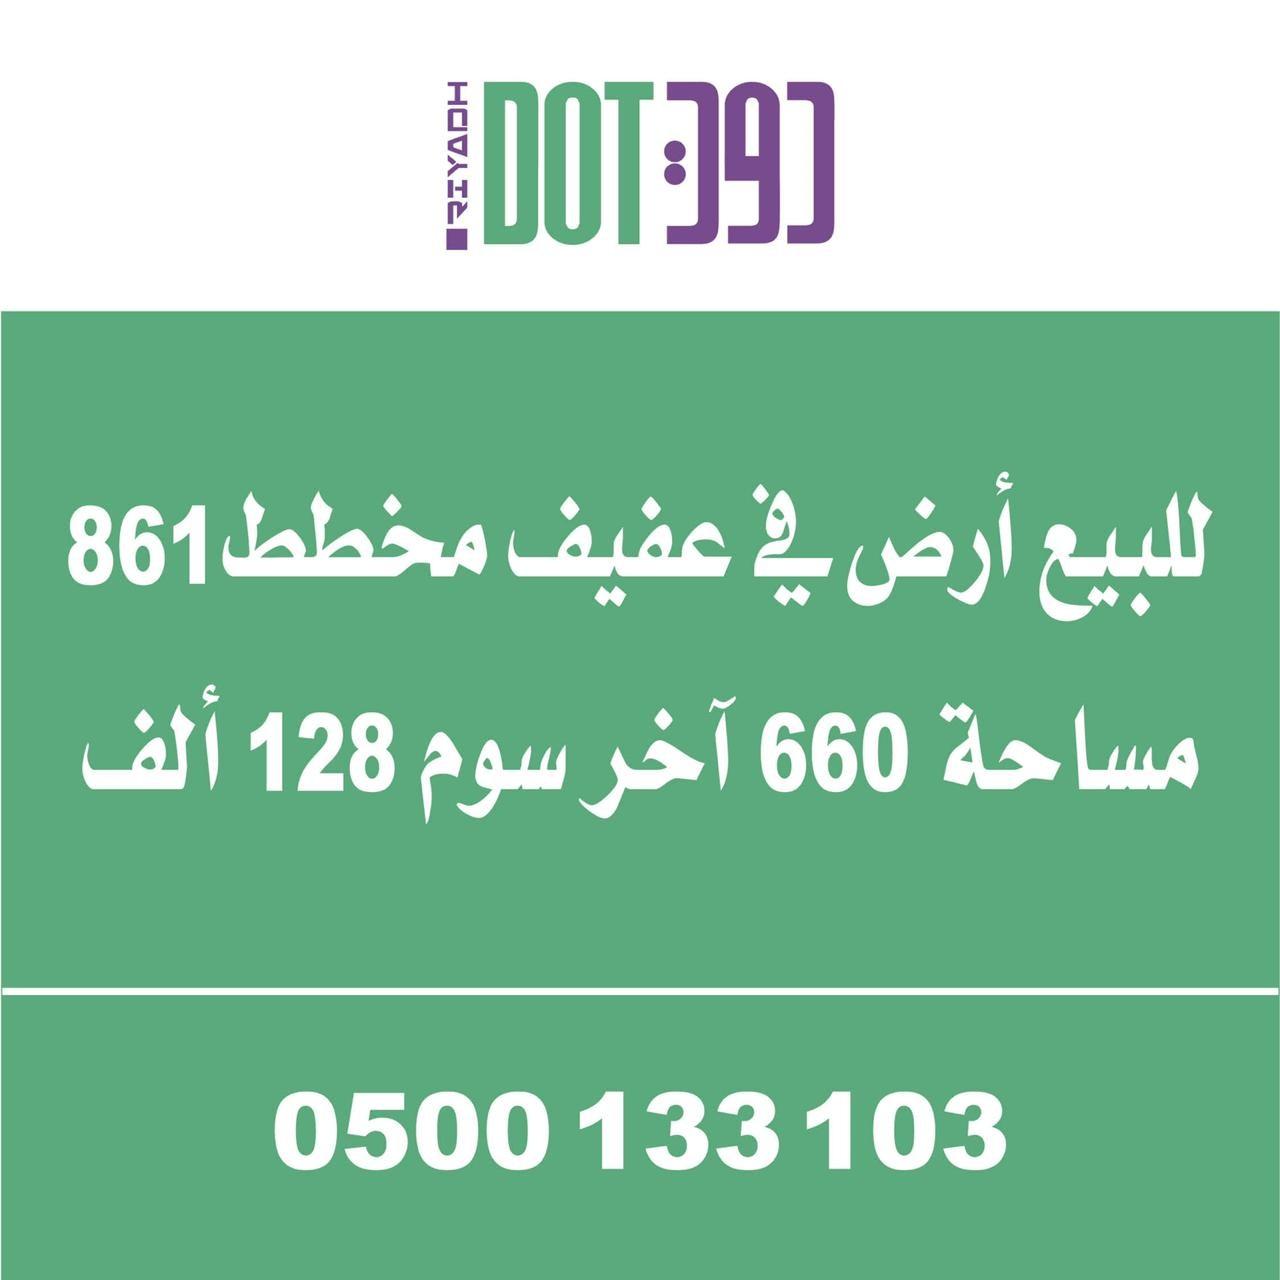 للبيع أرض في عفيف مخطط 861